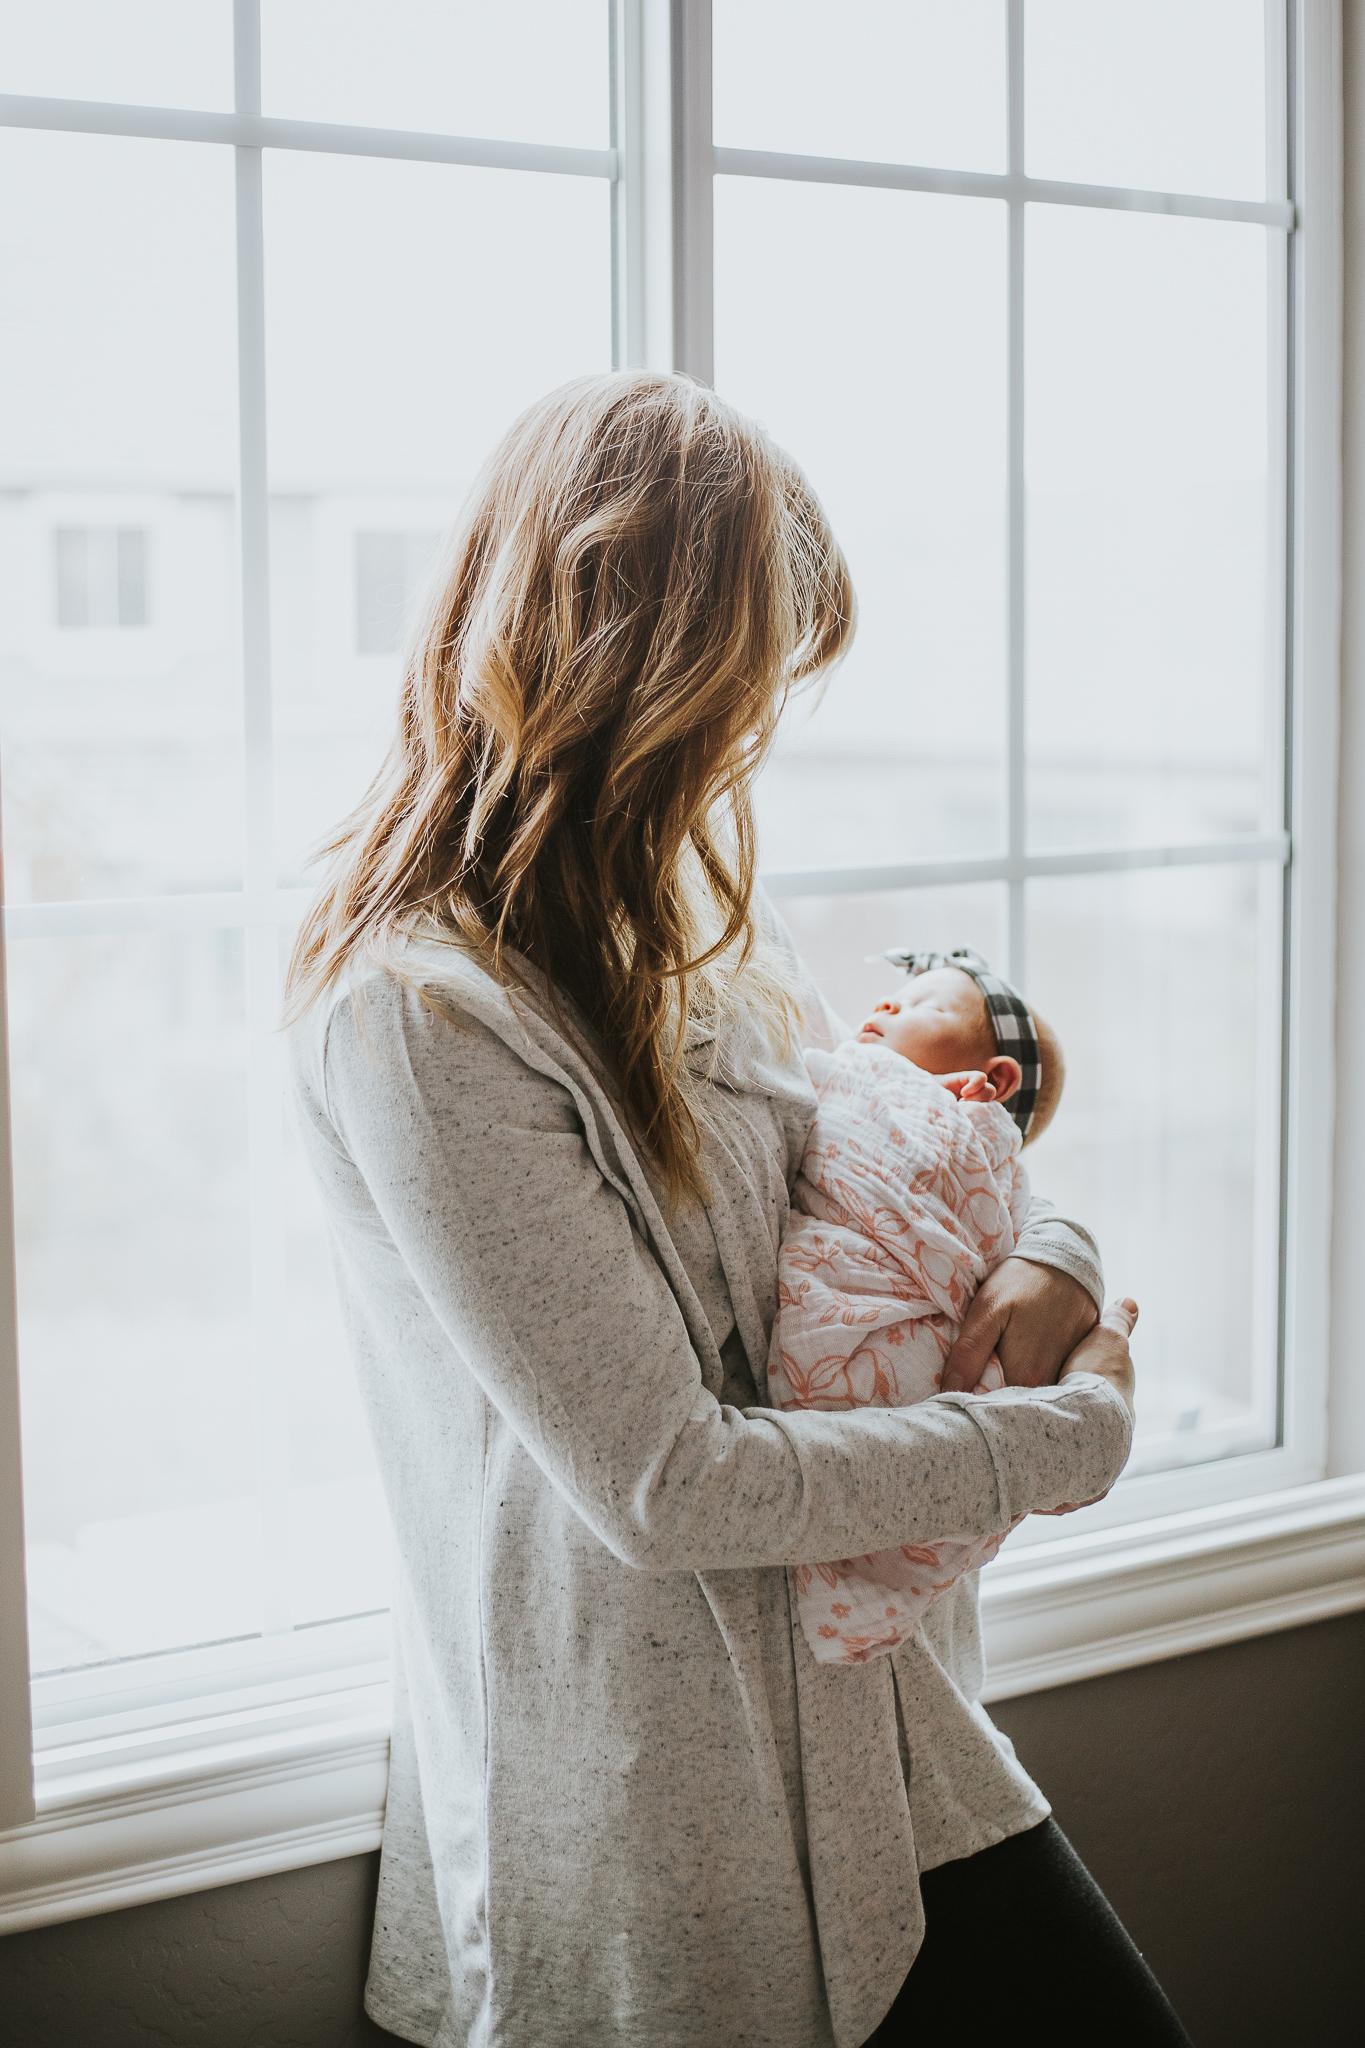 Mesa-Arizona-Newborn-Photographer-5.jpg